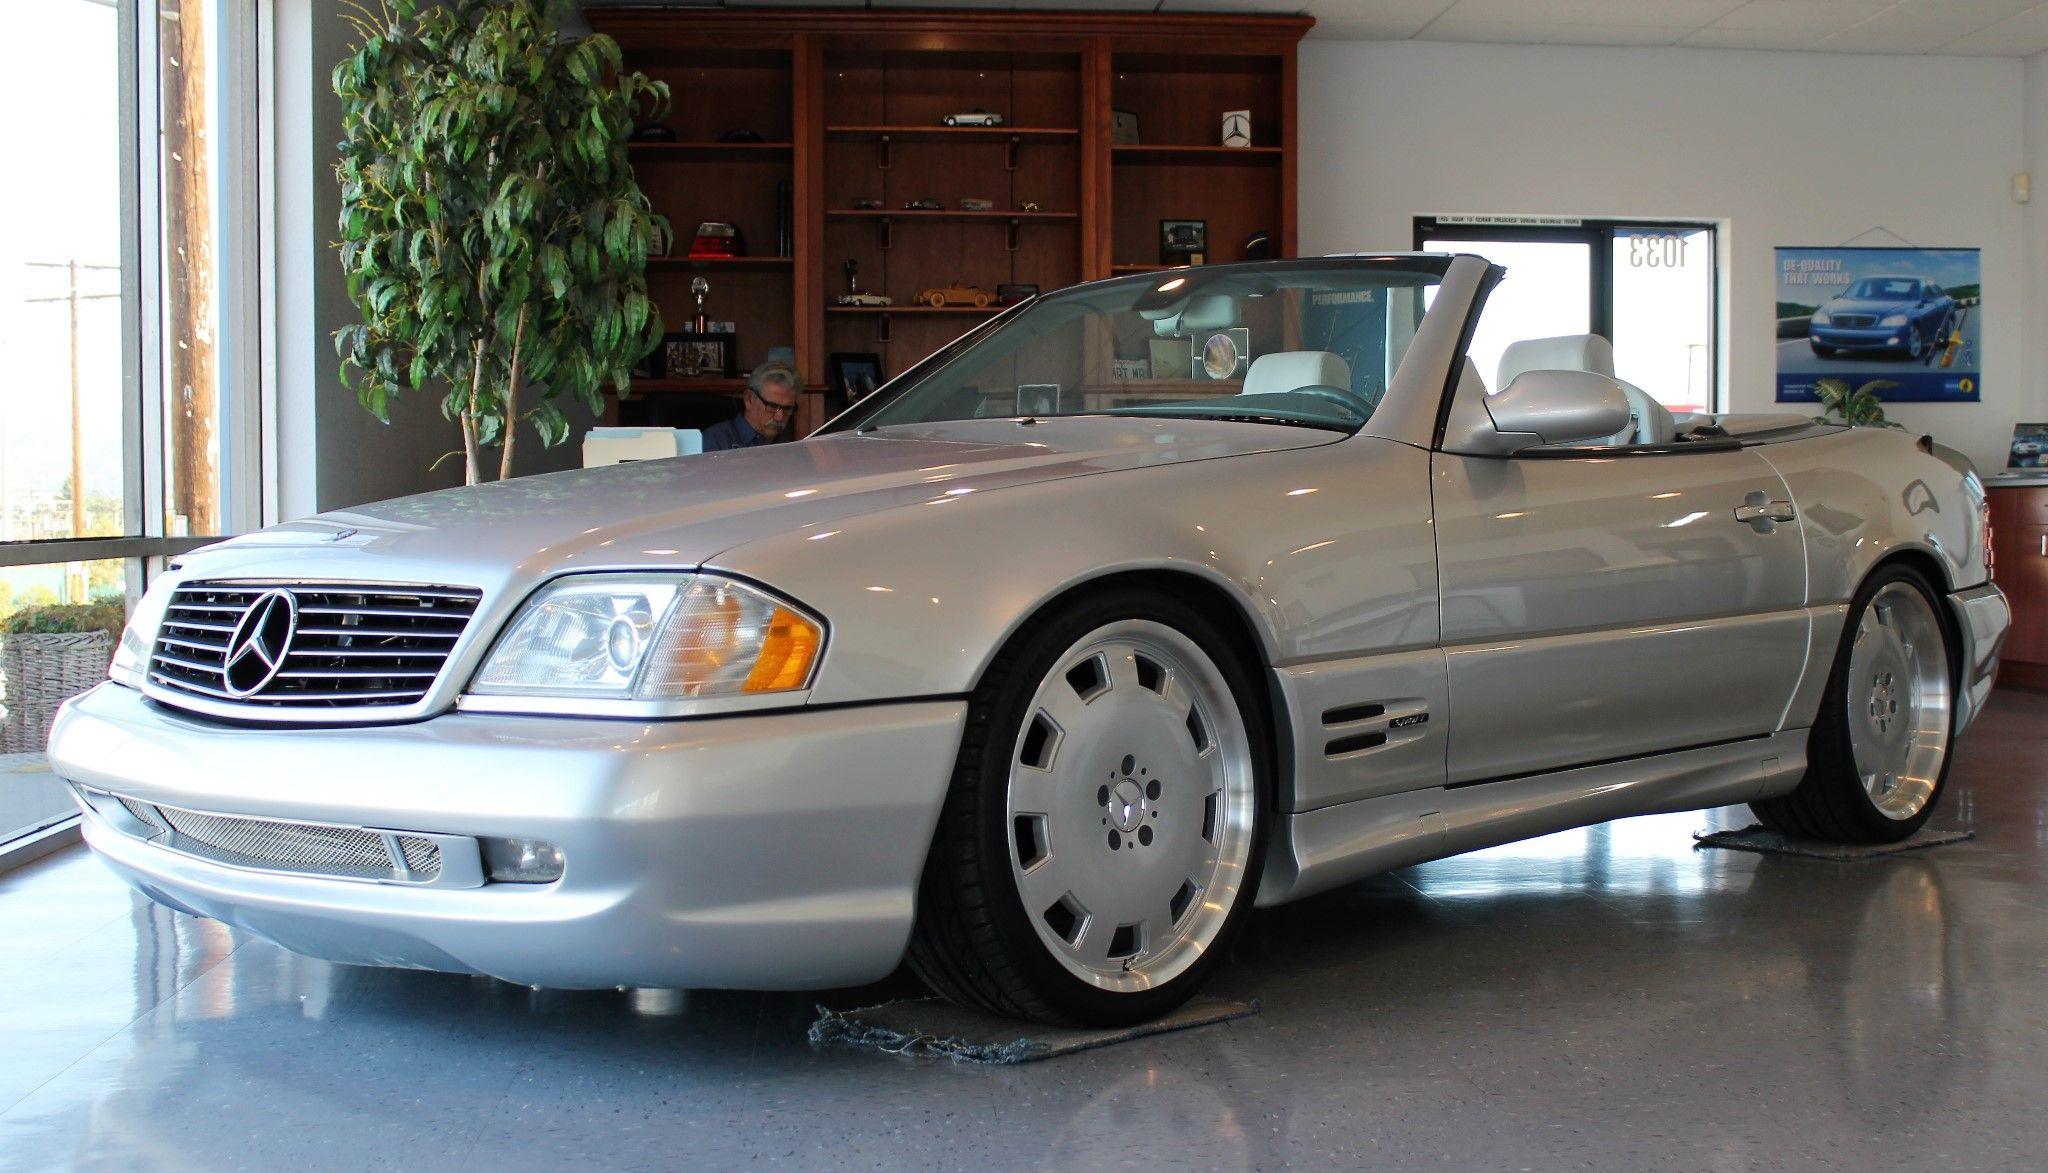 supercharged 2000 mercedes benz sl500 benz mercedes benz mercedes supercharged 2000 mercedes benz sl500